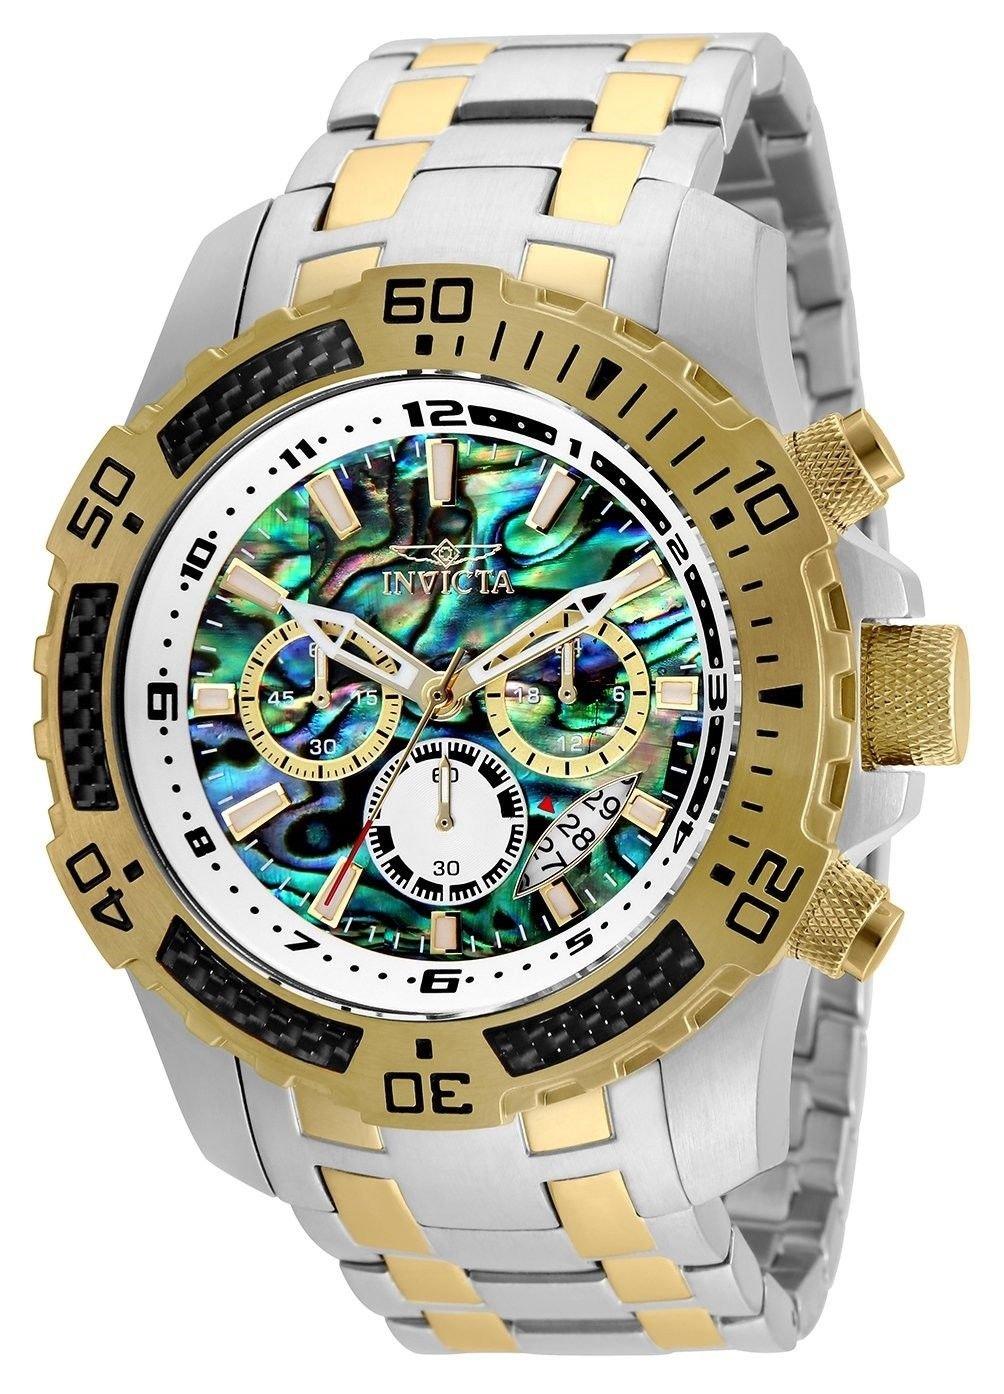 Invicta Pro Diver Chronograph Mens Watch 25093 by Invicta